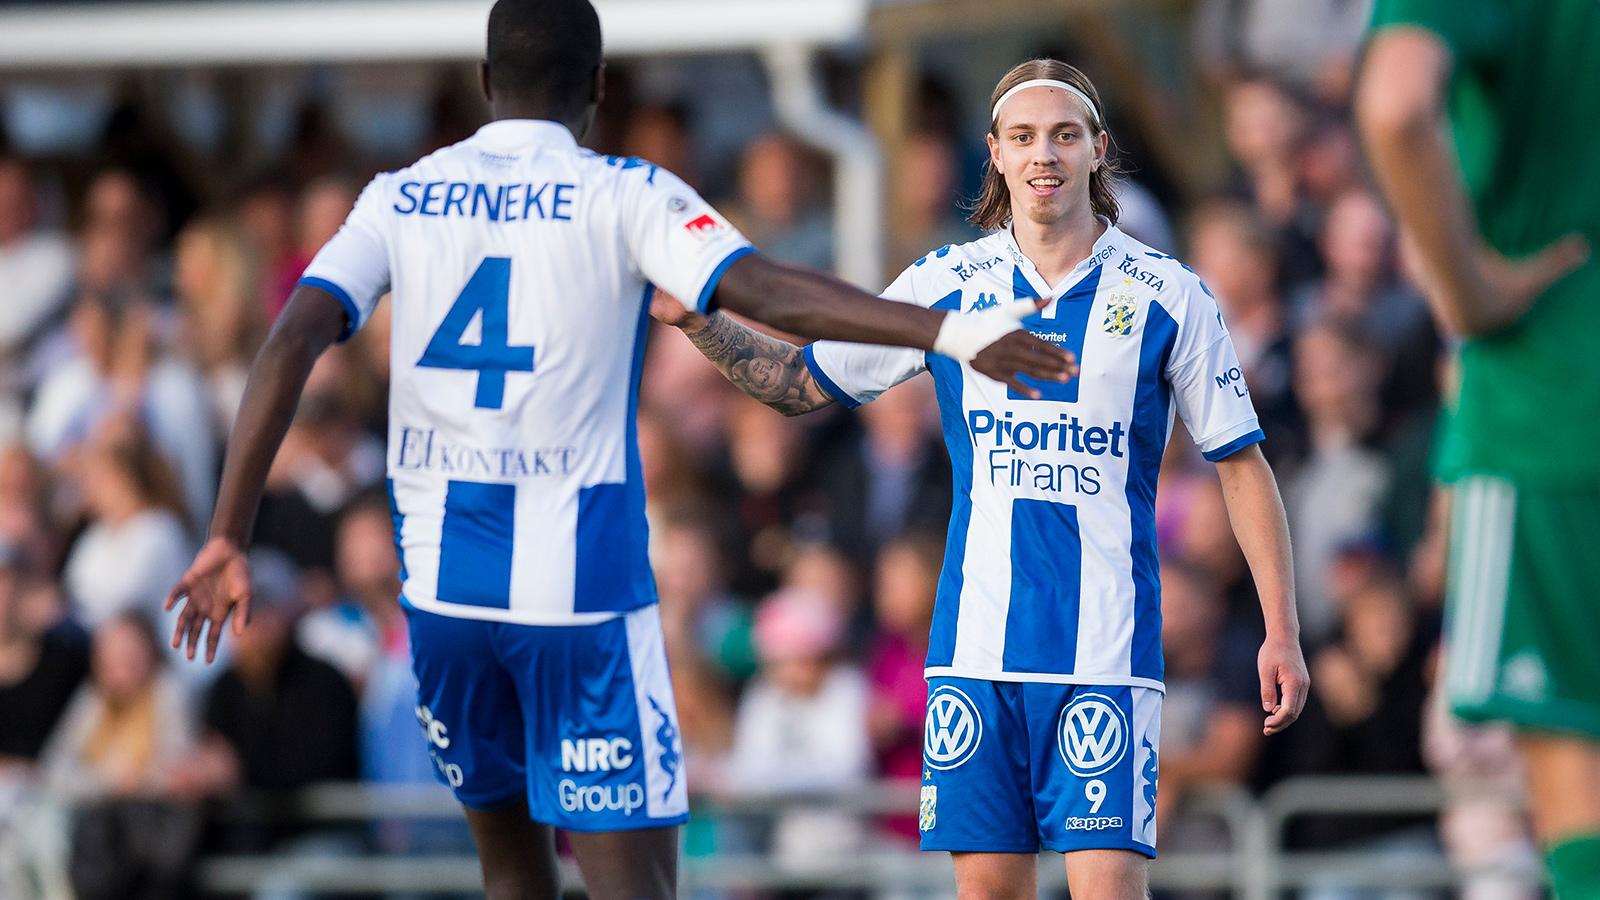 170823 IFK Göteborgs Elias Mar Omarsson jublar ihop med Adil Titi efter 0-5 under fotbollsmatchen i Svenska cupen mellan Landvetter och IFK Göteborg den 23 augusti 2017 i Göteborg.